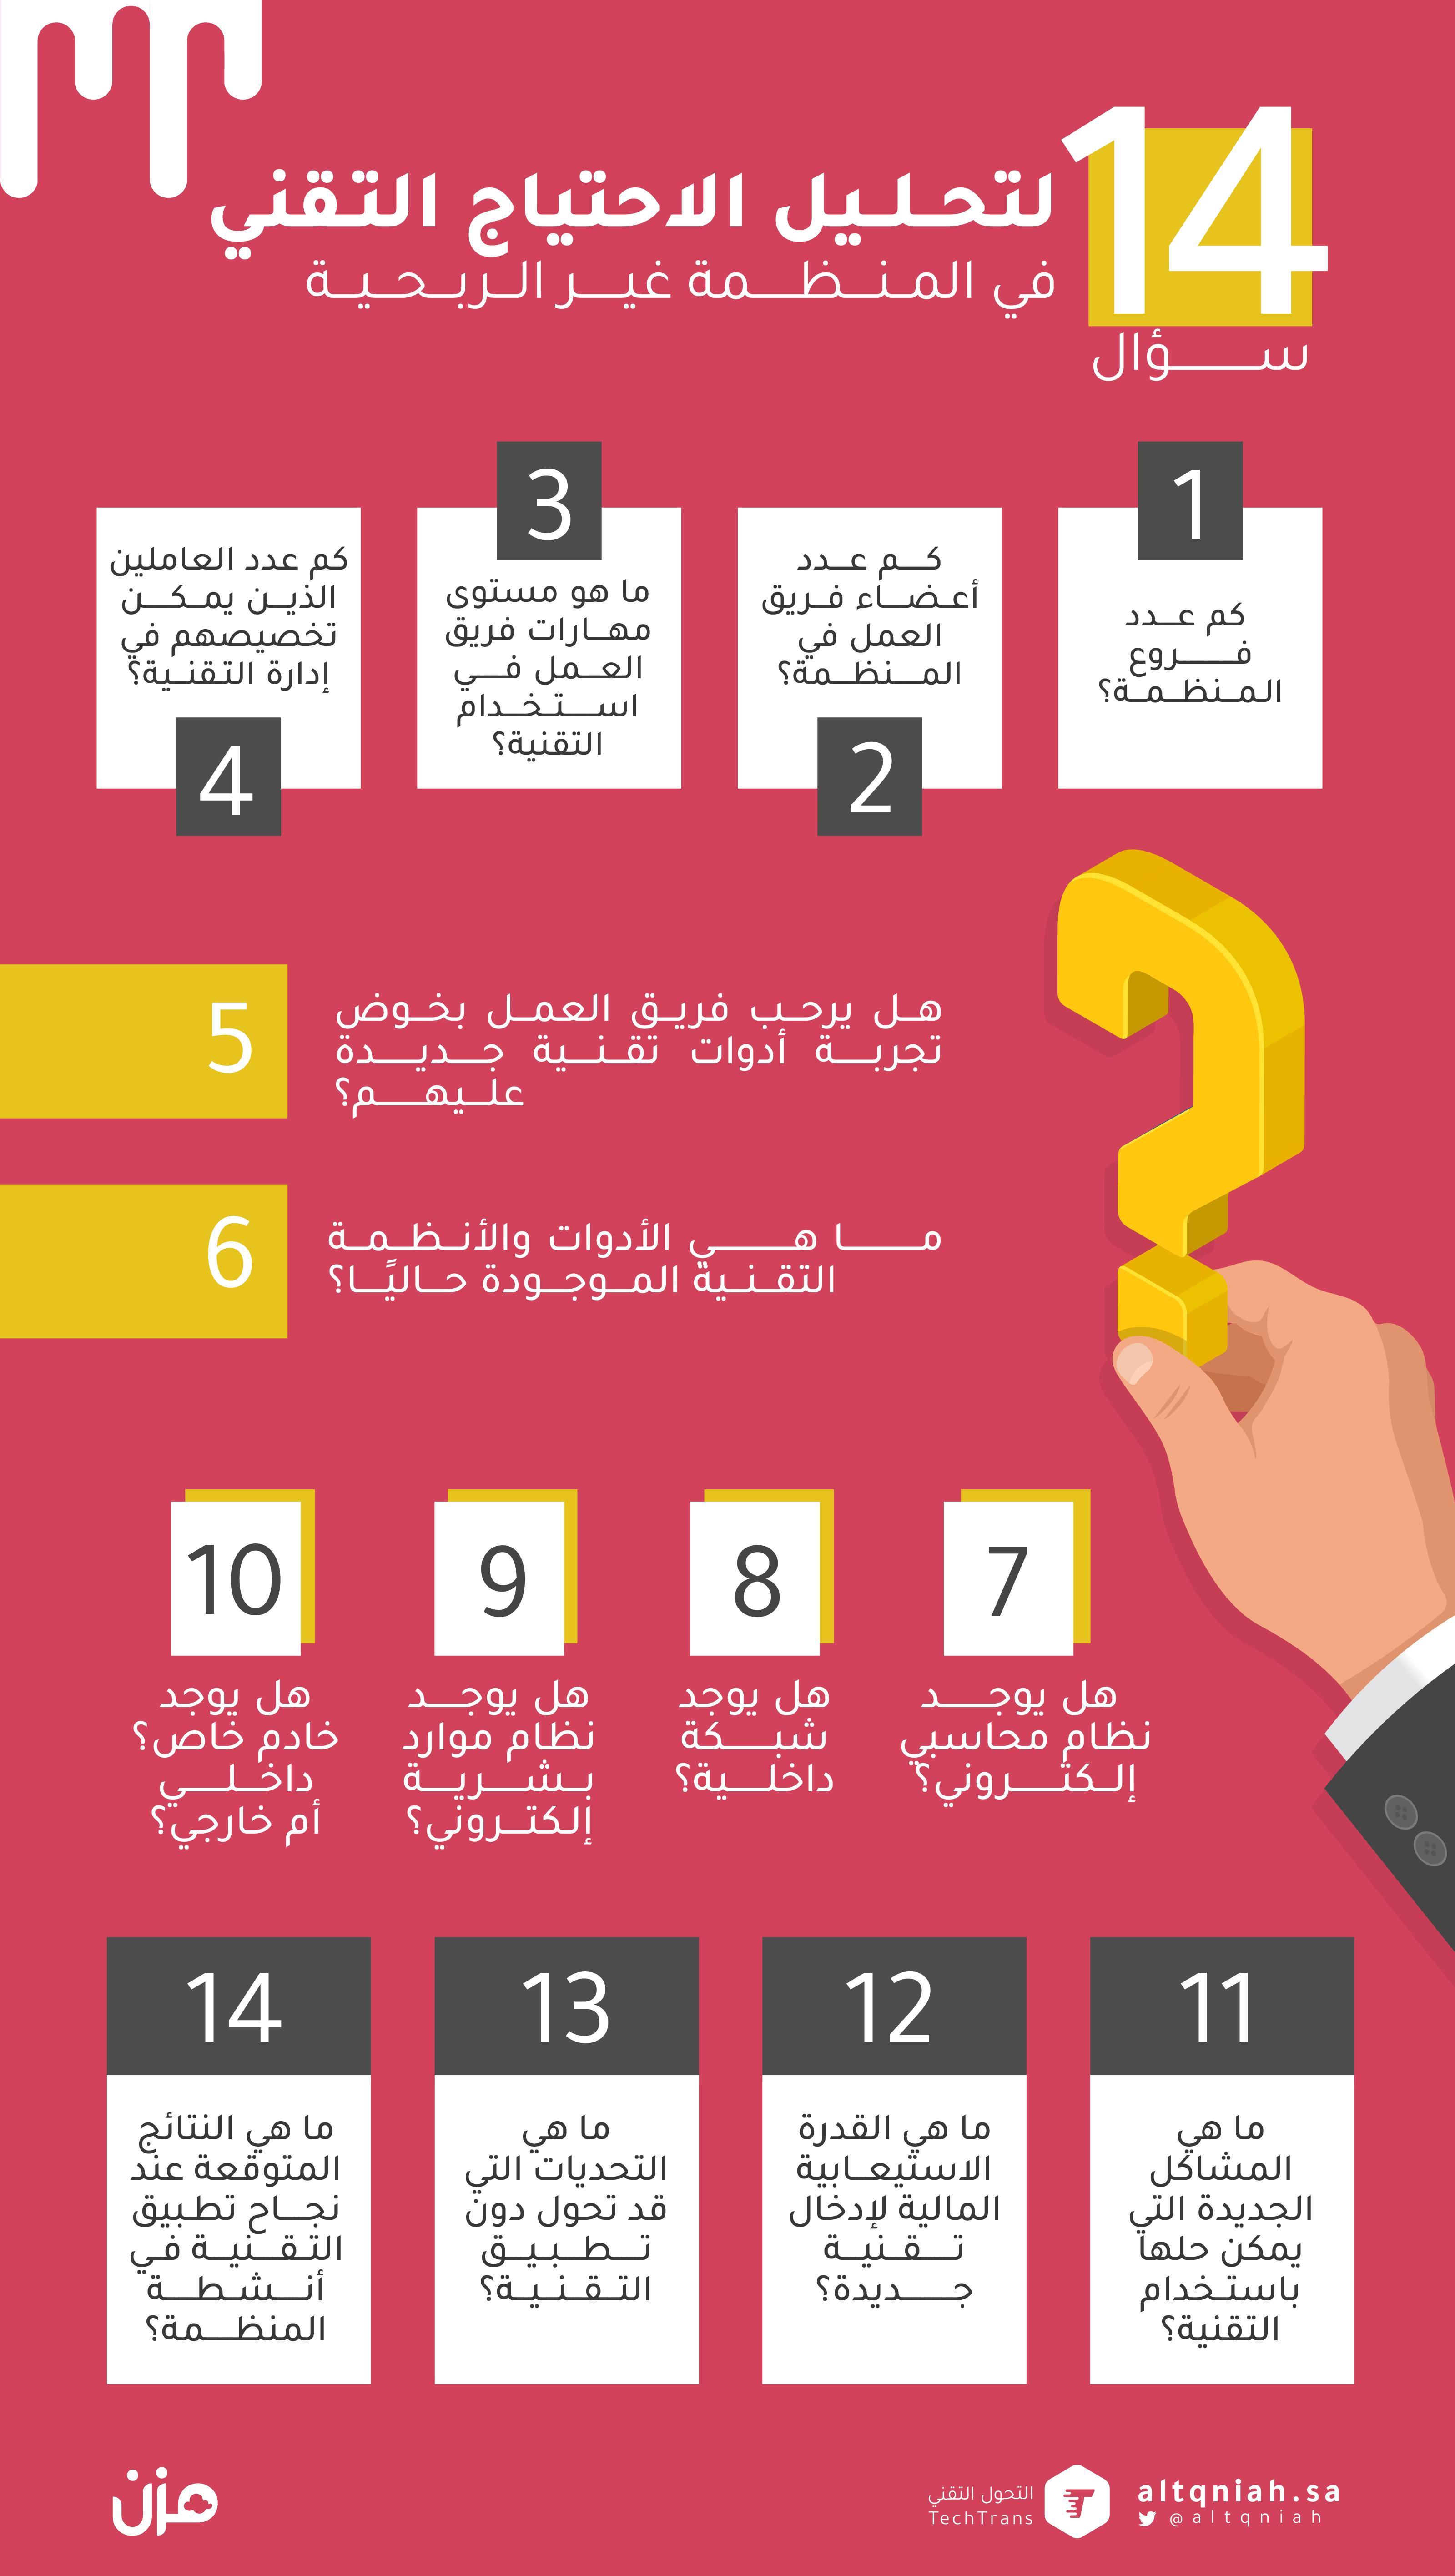 14 سؤالا لتحليل الاحتياج التقني في المنظمة غير الربحية